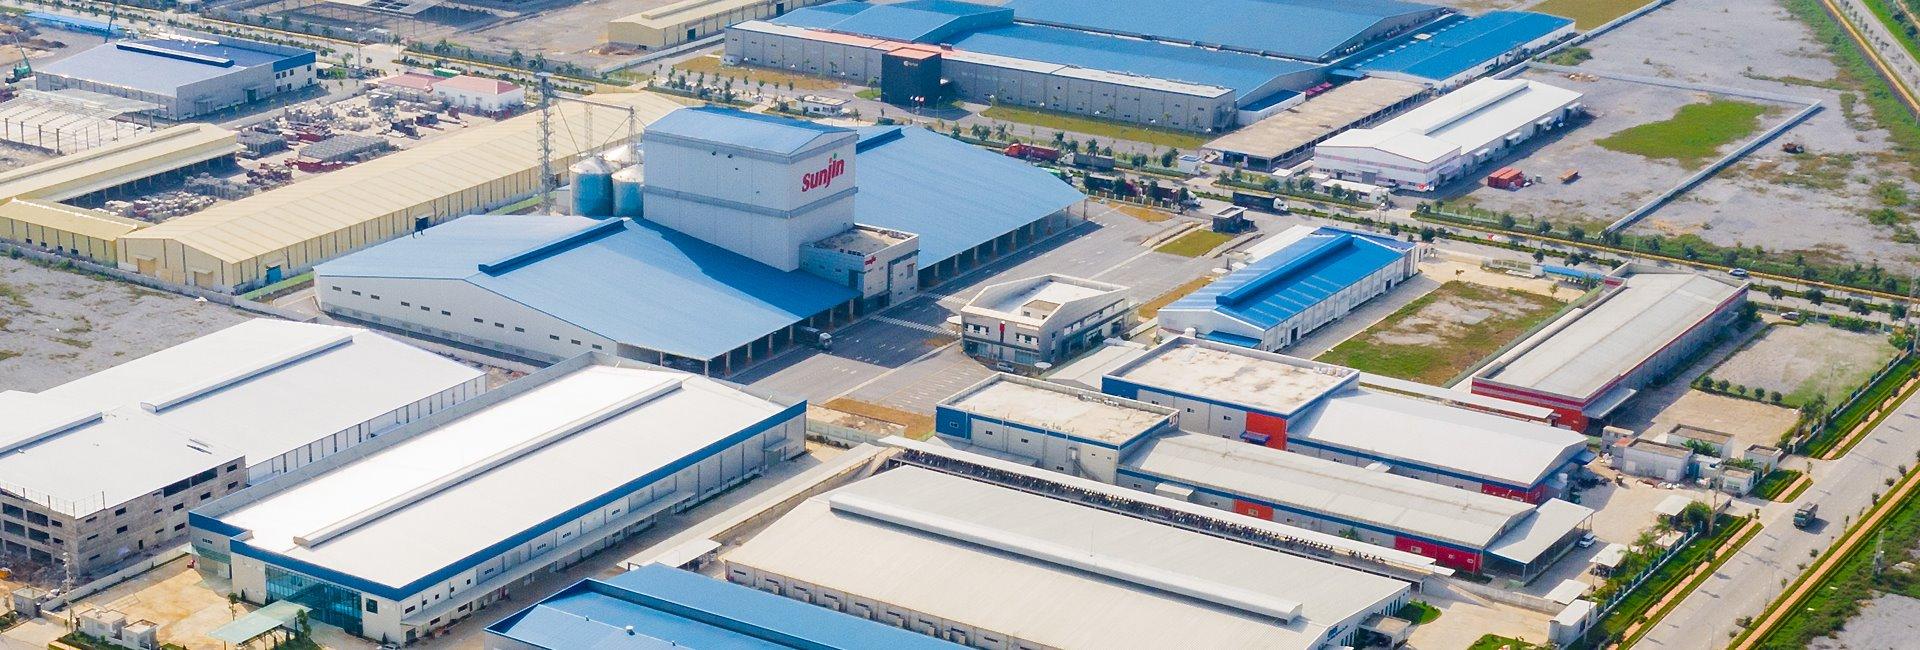 Các khu công nghiệp lớn tại Việt Nam đang hoạt động ra sao? - Ảnh 7.